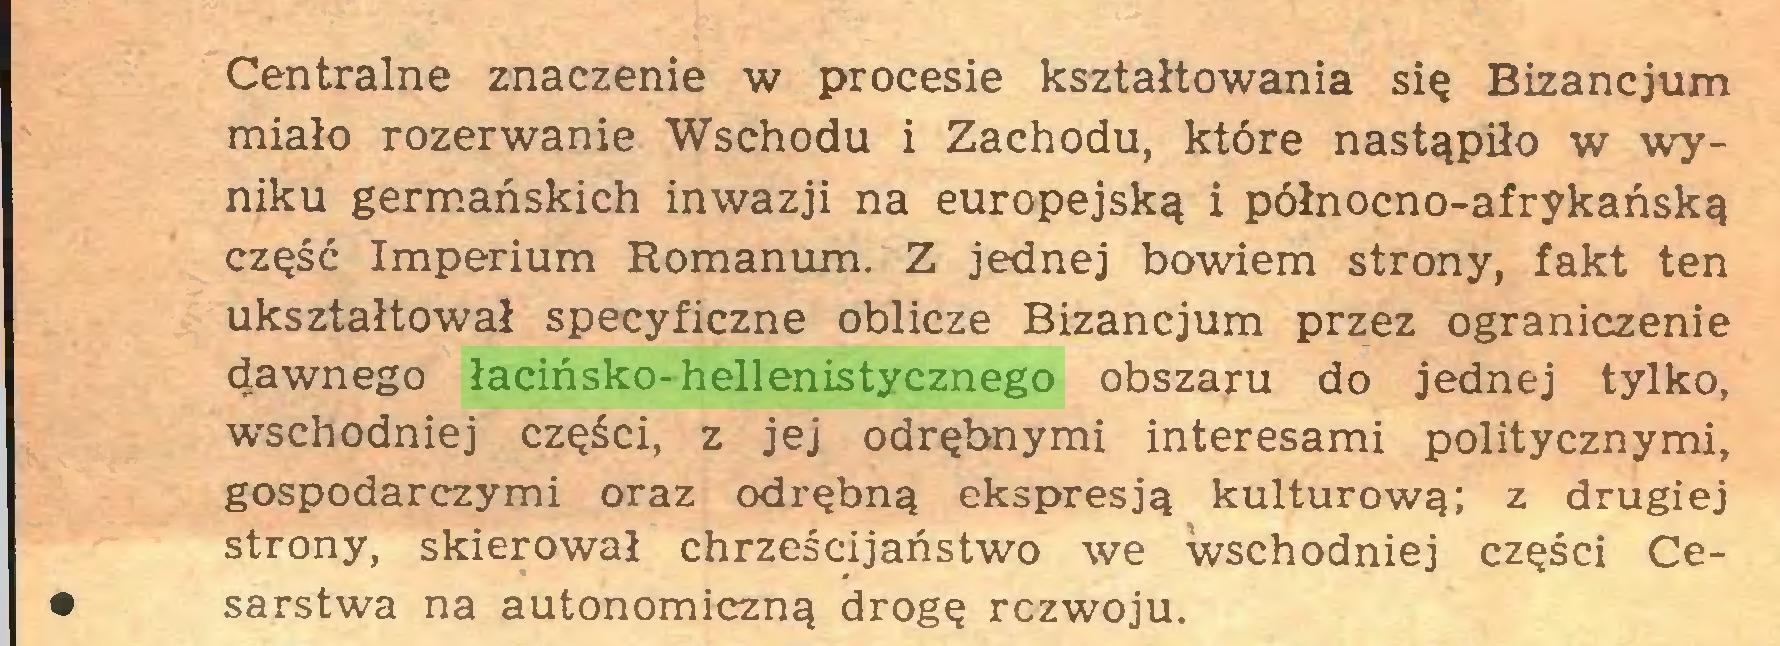 (...) Centralne znaczenie w procesie kształtowania się Bizancjum miało rozerwanie Wschodu i Zachodu, które nastąpiło w wyniku germańskich inwazji na europejską i północno-afrykańską część Imperium Romanum. Z jednej bowiem strony, fakt ten ukształtował specyficzne oblicze Bizancjum przez ograniczenie dawnego łacińsko-hellenistycznego obszaru do jednej tylko, wschodniej części, z jej odrębnymi interesami politycznymi, gospodarczymi oraz odrębną ekspresją kulturową; z drugiej strony, skierował chrześcijaństwo we wschodniej części Ce• sarstwa na autonomiczną drogę rozwoju...